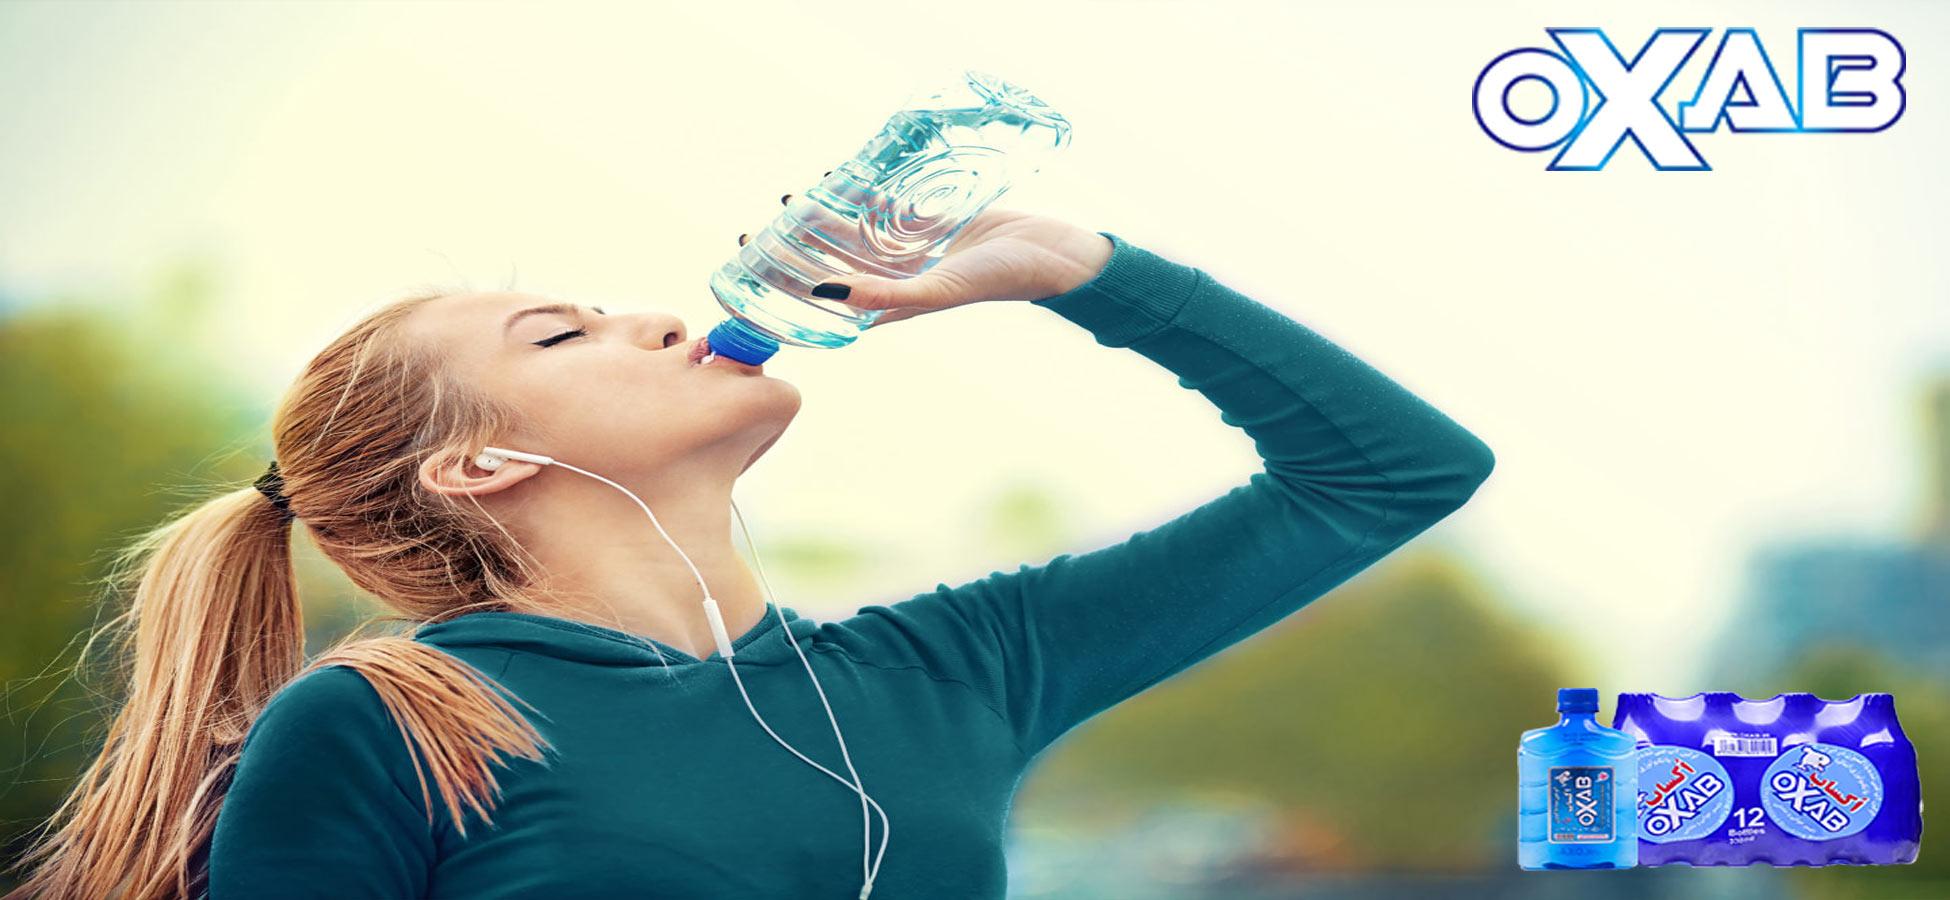 آب آشامیدنی چگونه از مفاصل محافظت میکند؟